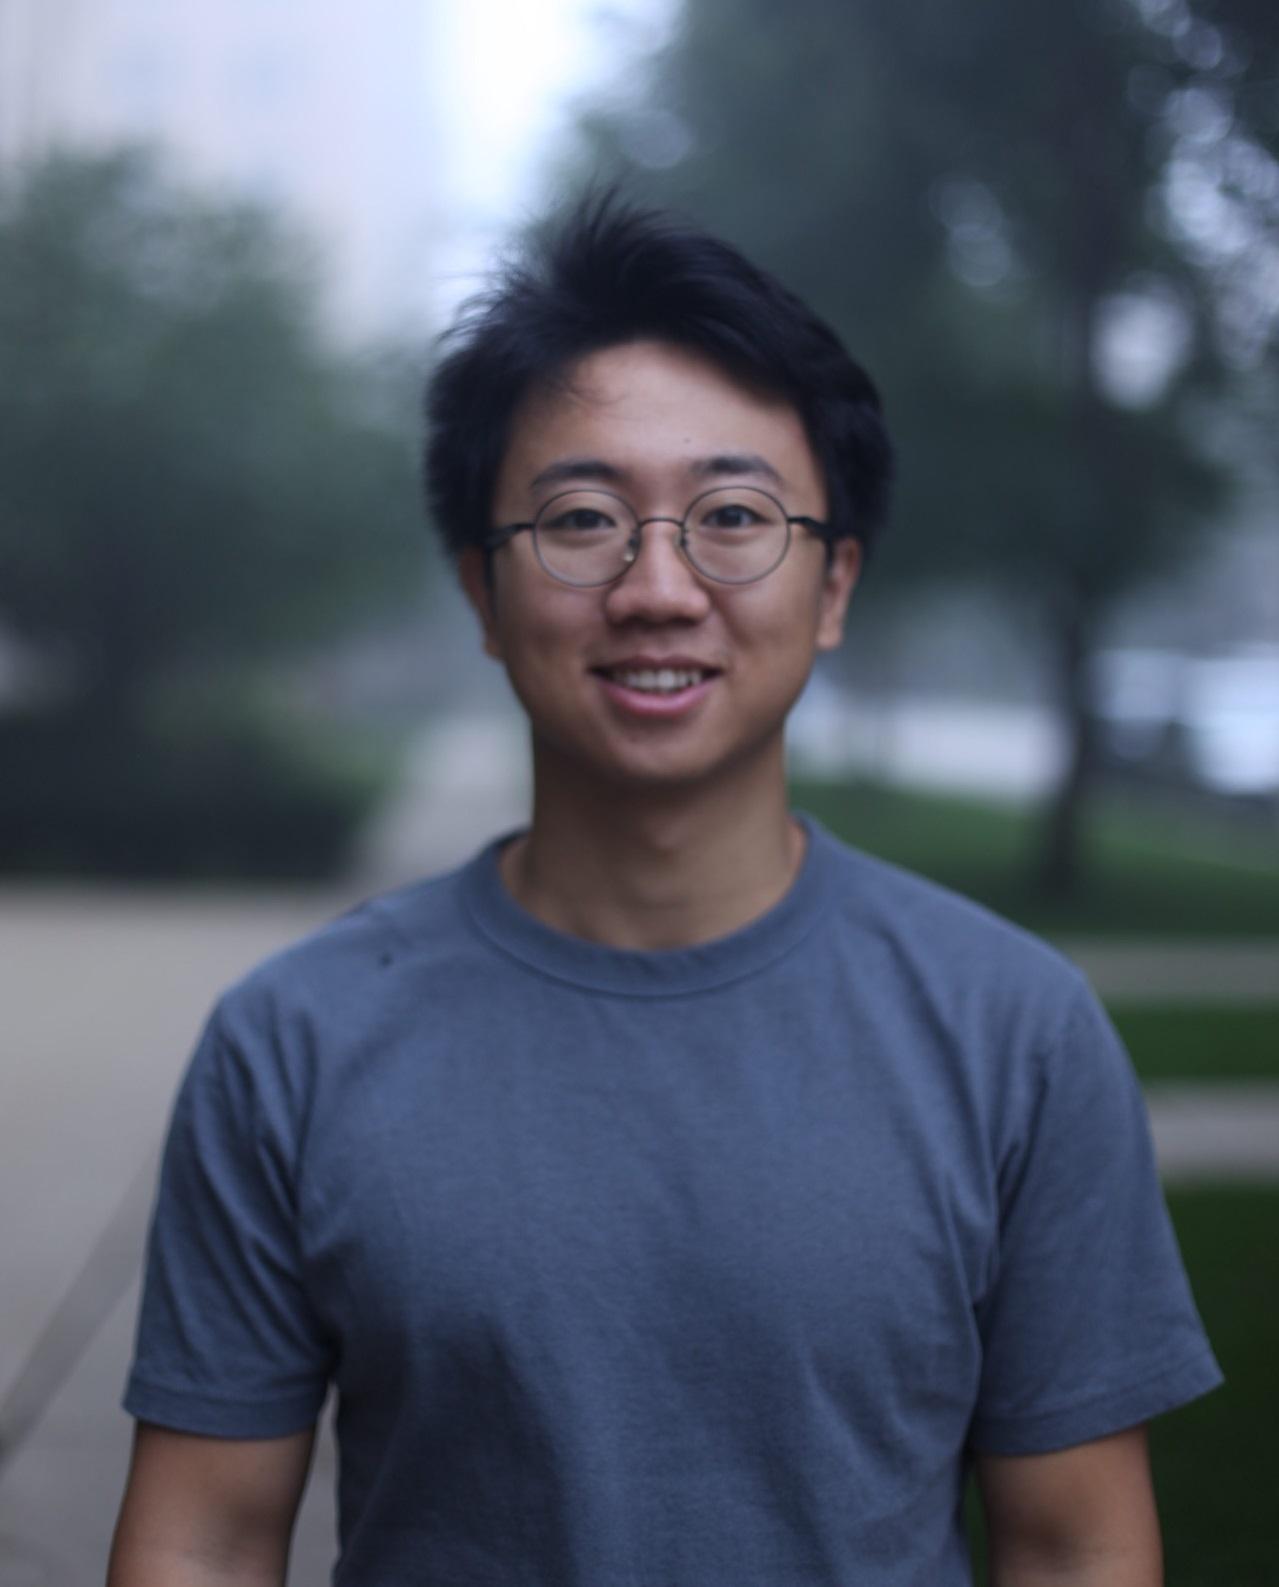 Jiahao (Tom) Zhang